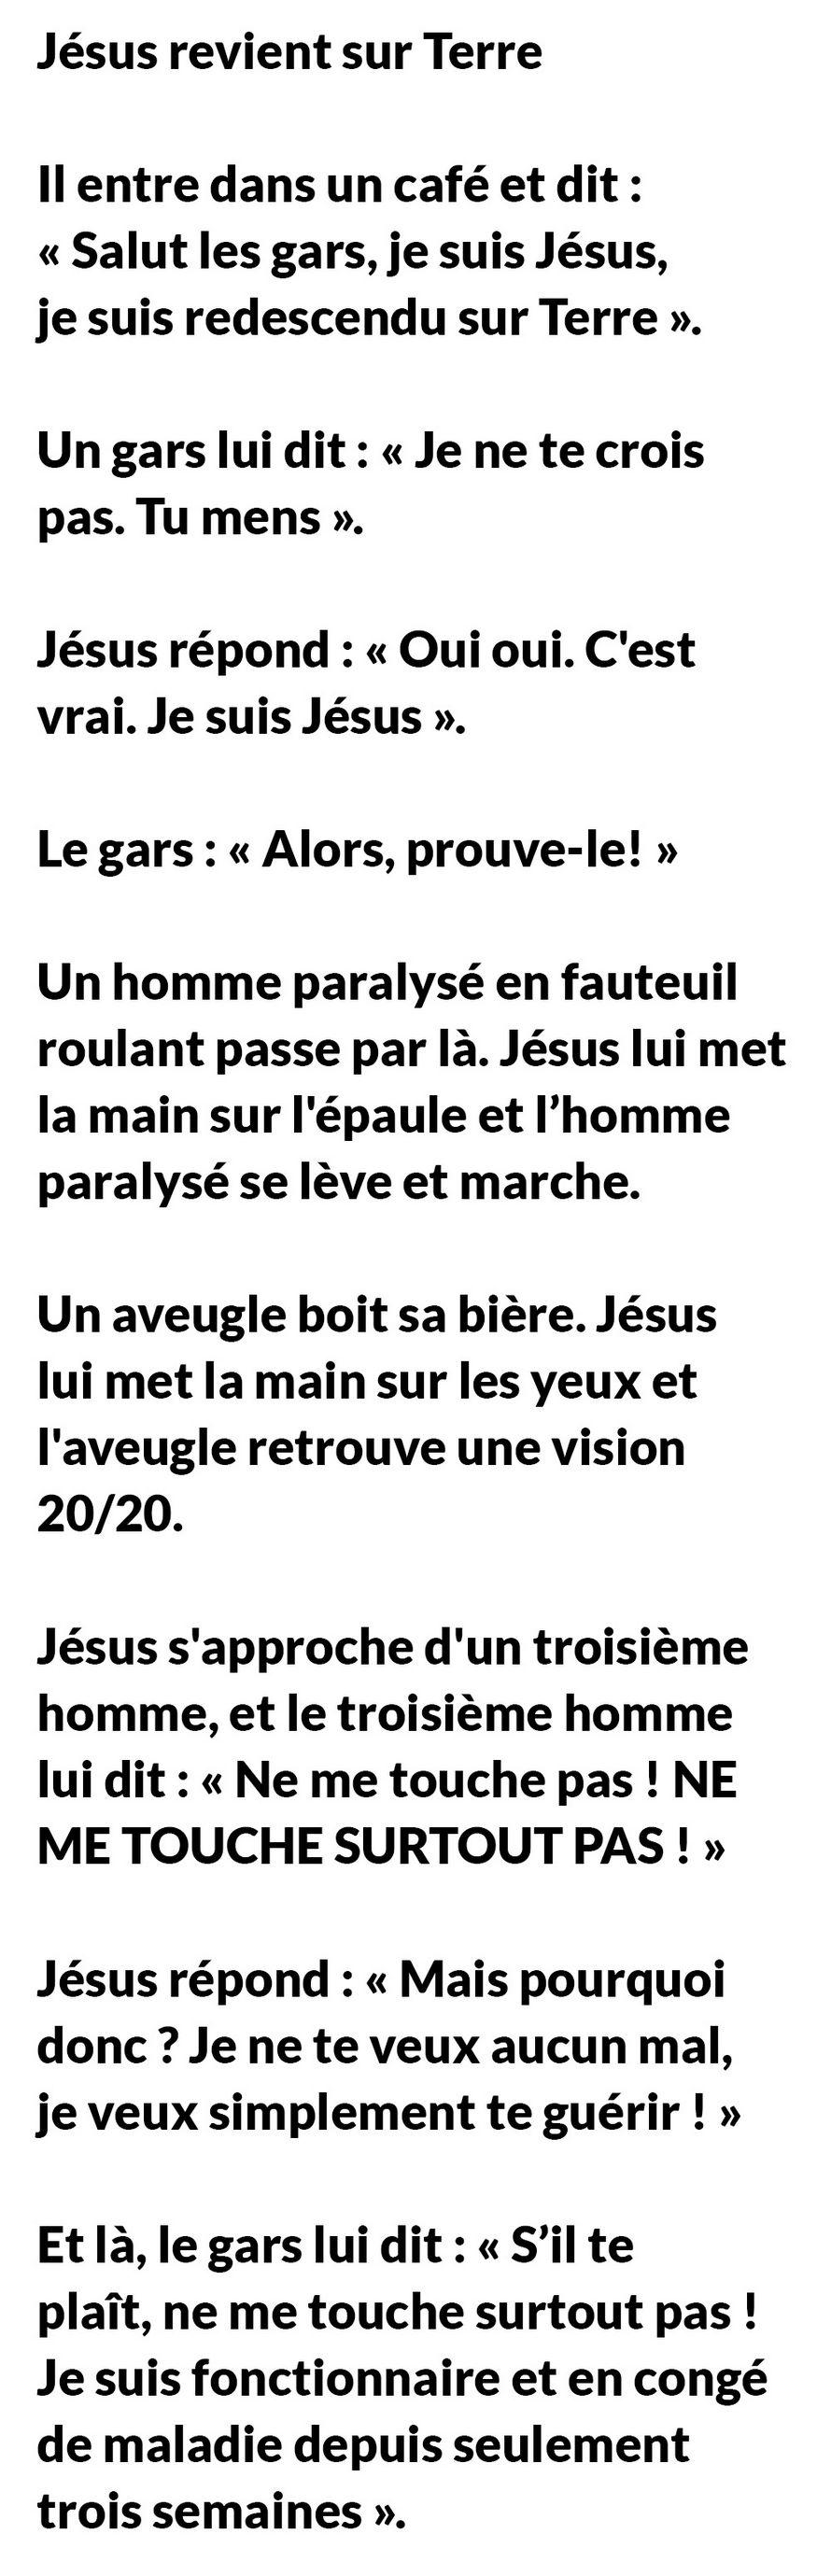 Jésus revient sur Terre